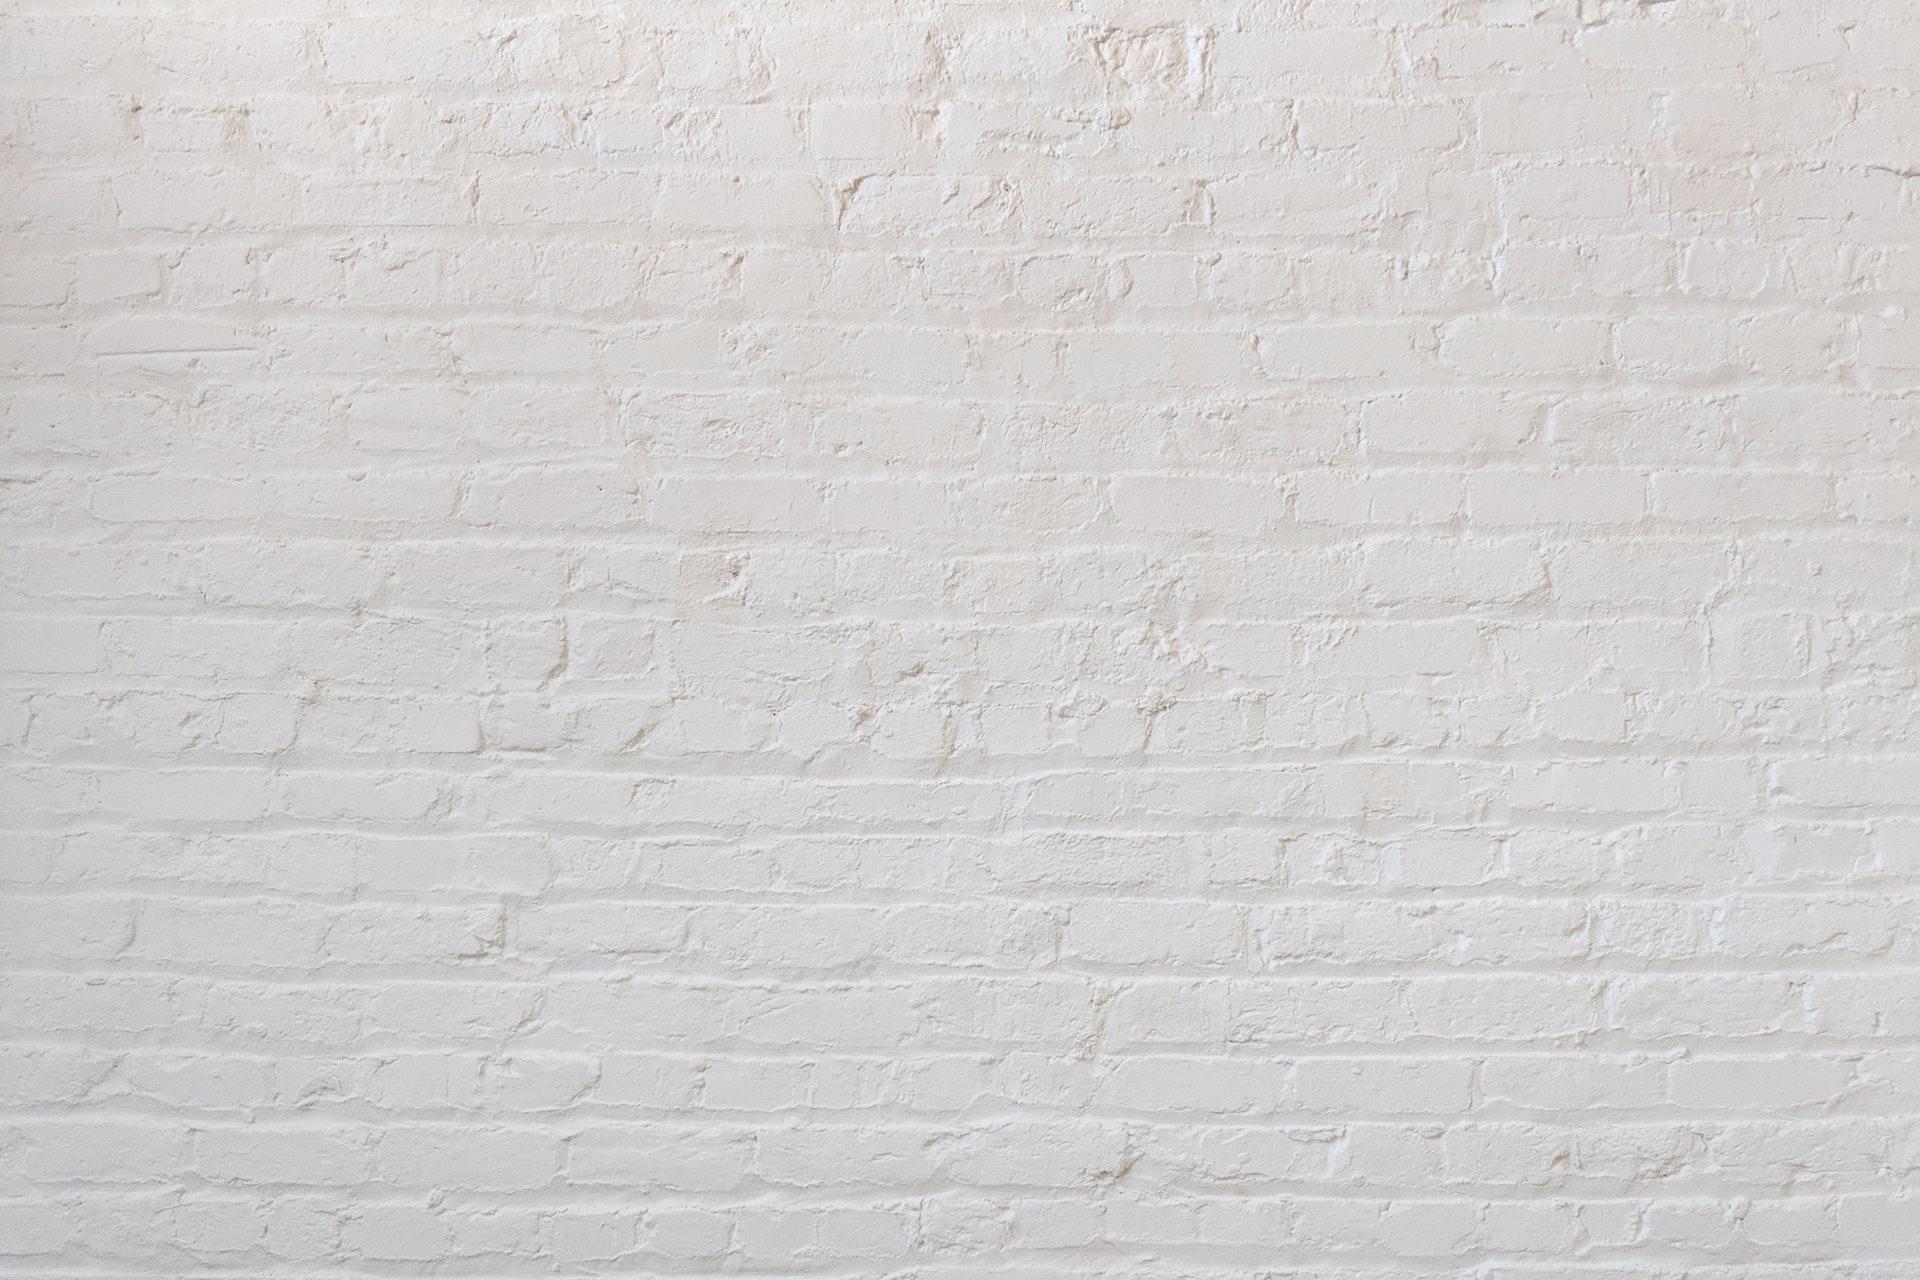 白く塗られたレンガの壁